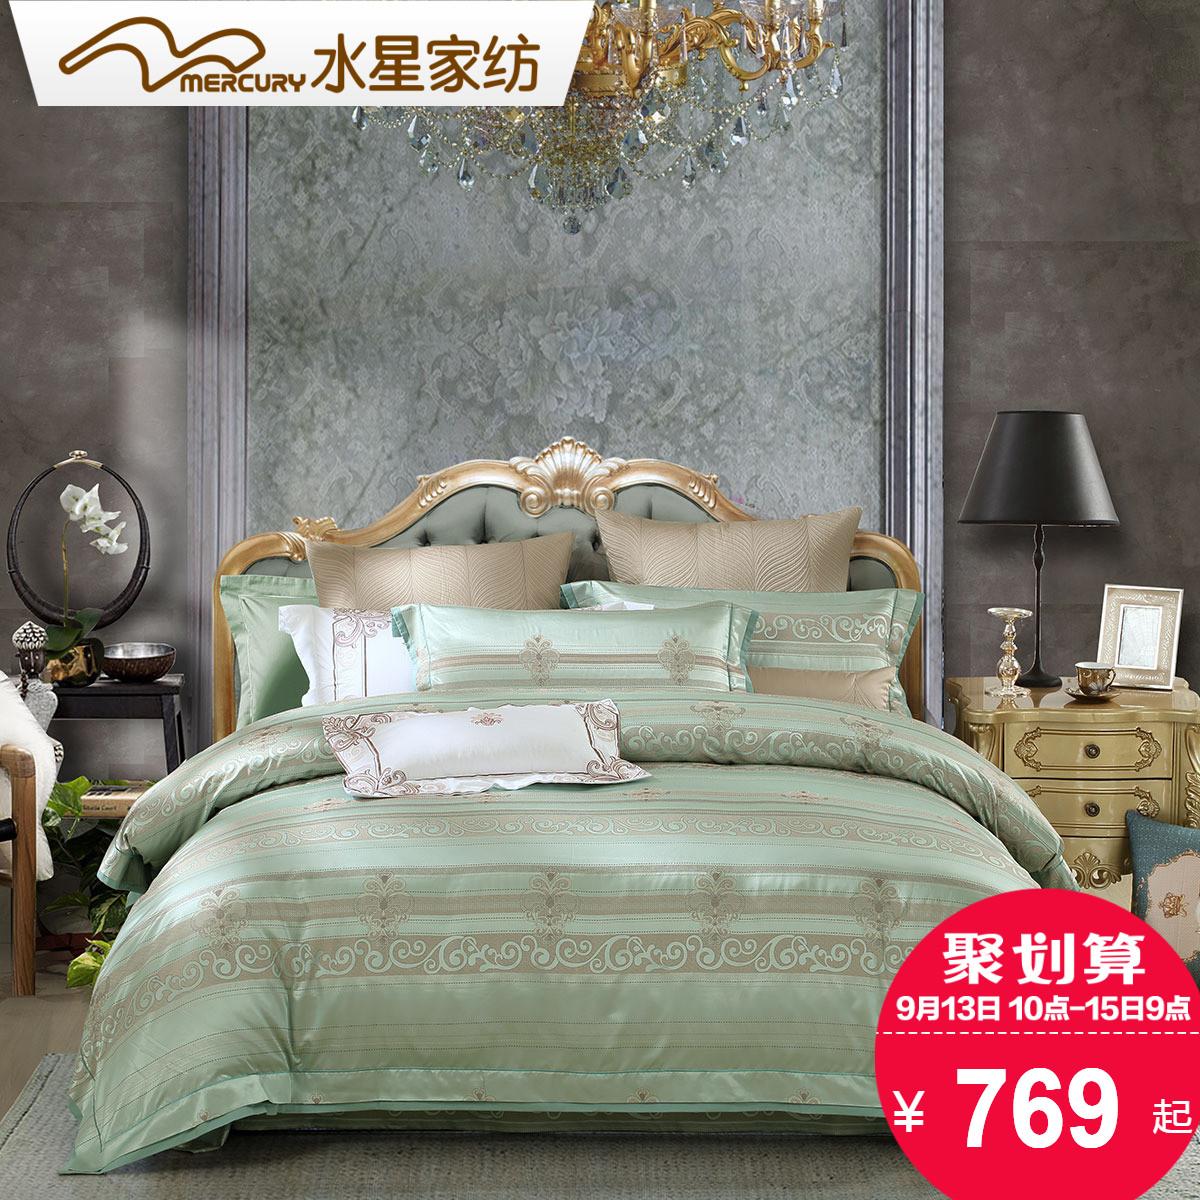 水星家纺 欧式大提花四件套欧式套件1.8米床被套床单 巴洛克回忆